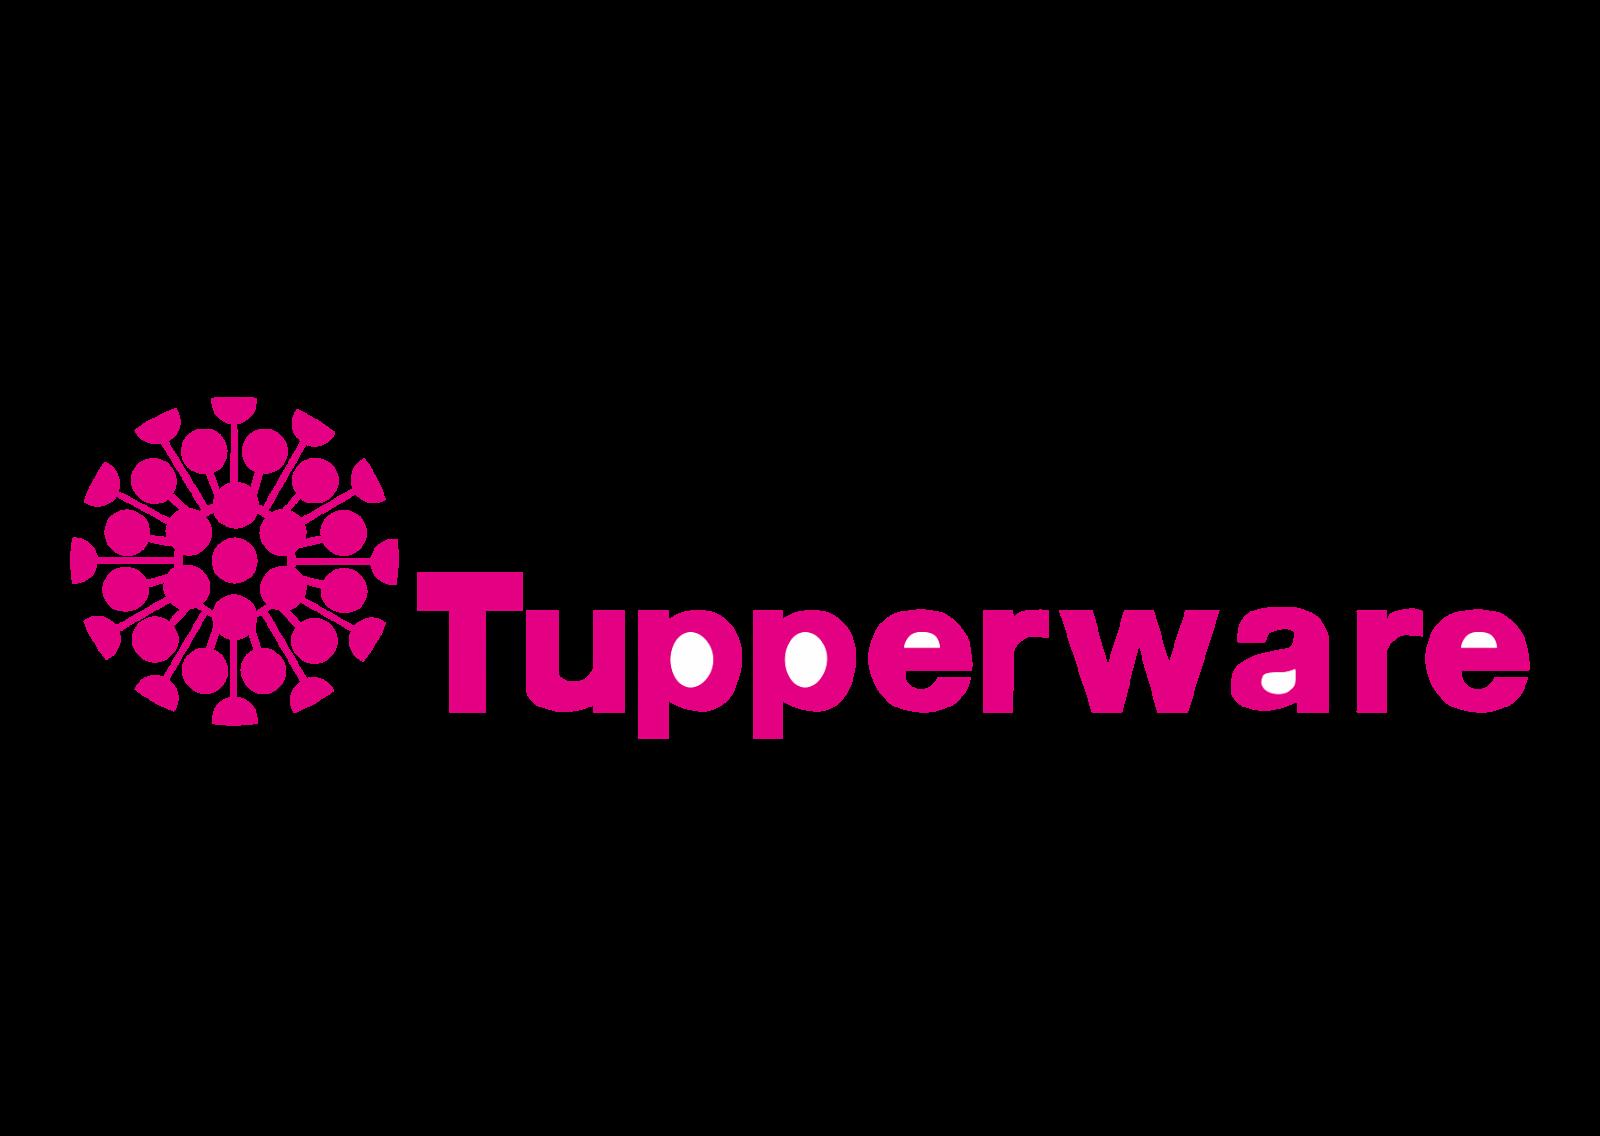 Tupperware-vector-logo.png